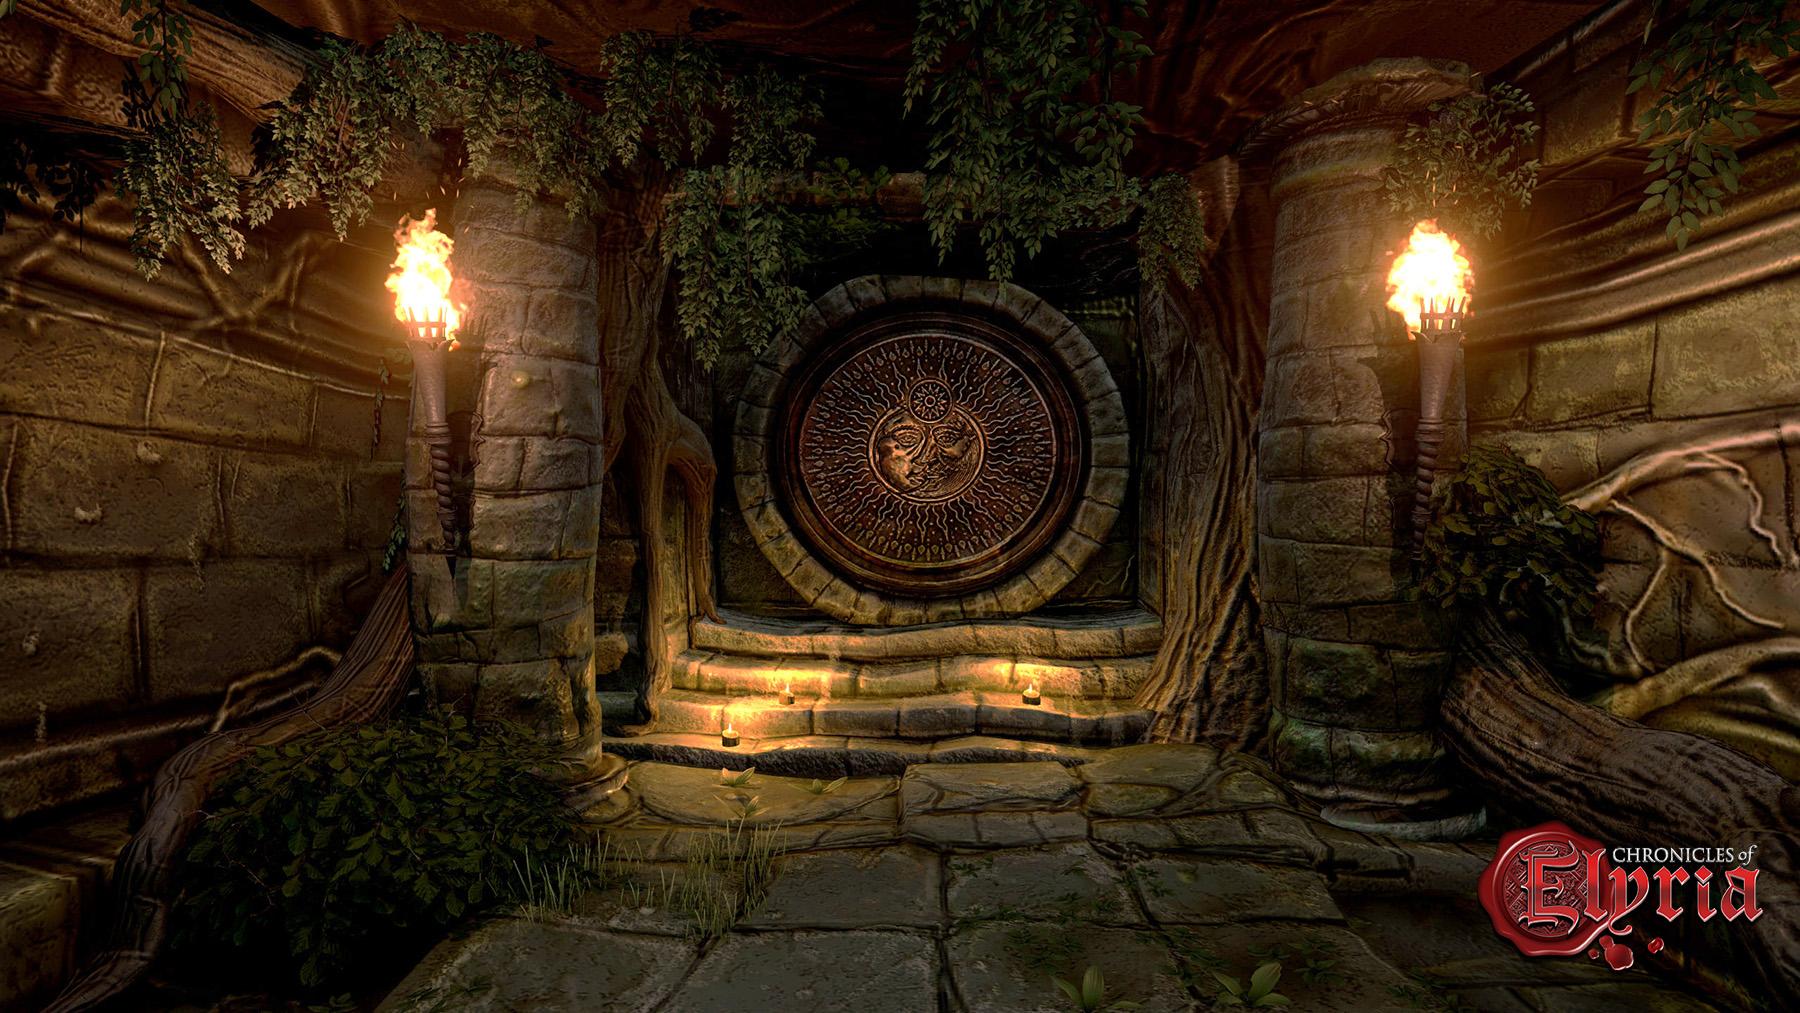 In-game screenshot of an underground vault